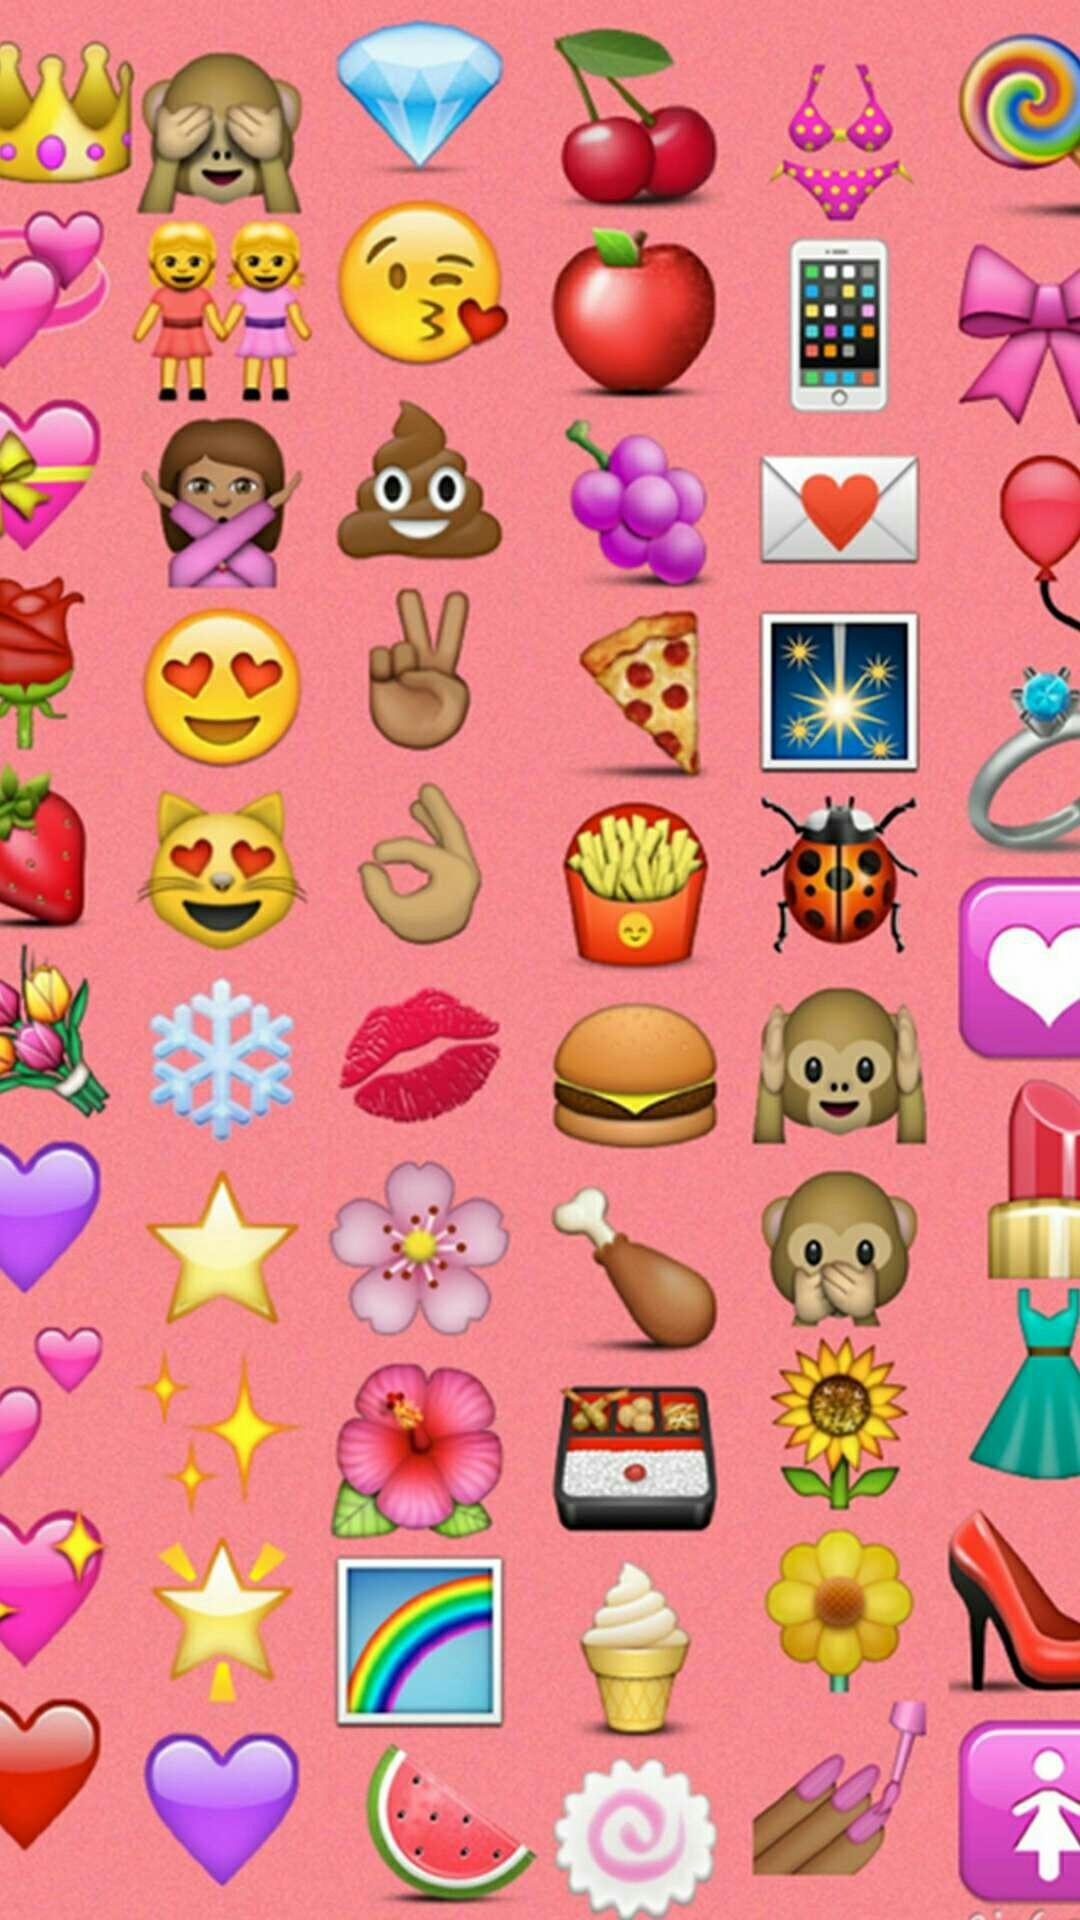 Emoji Wallpaper, Emojis